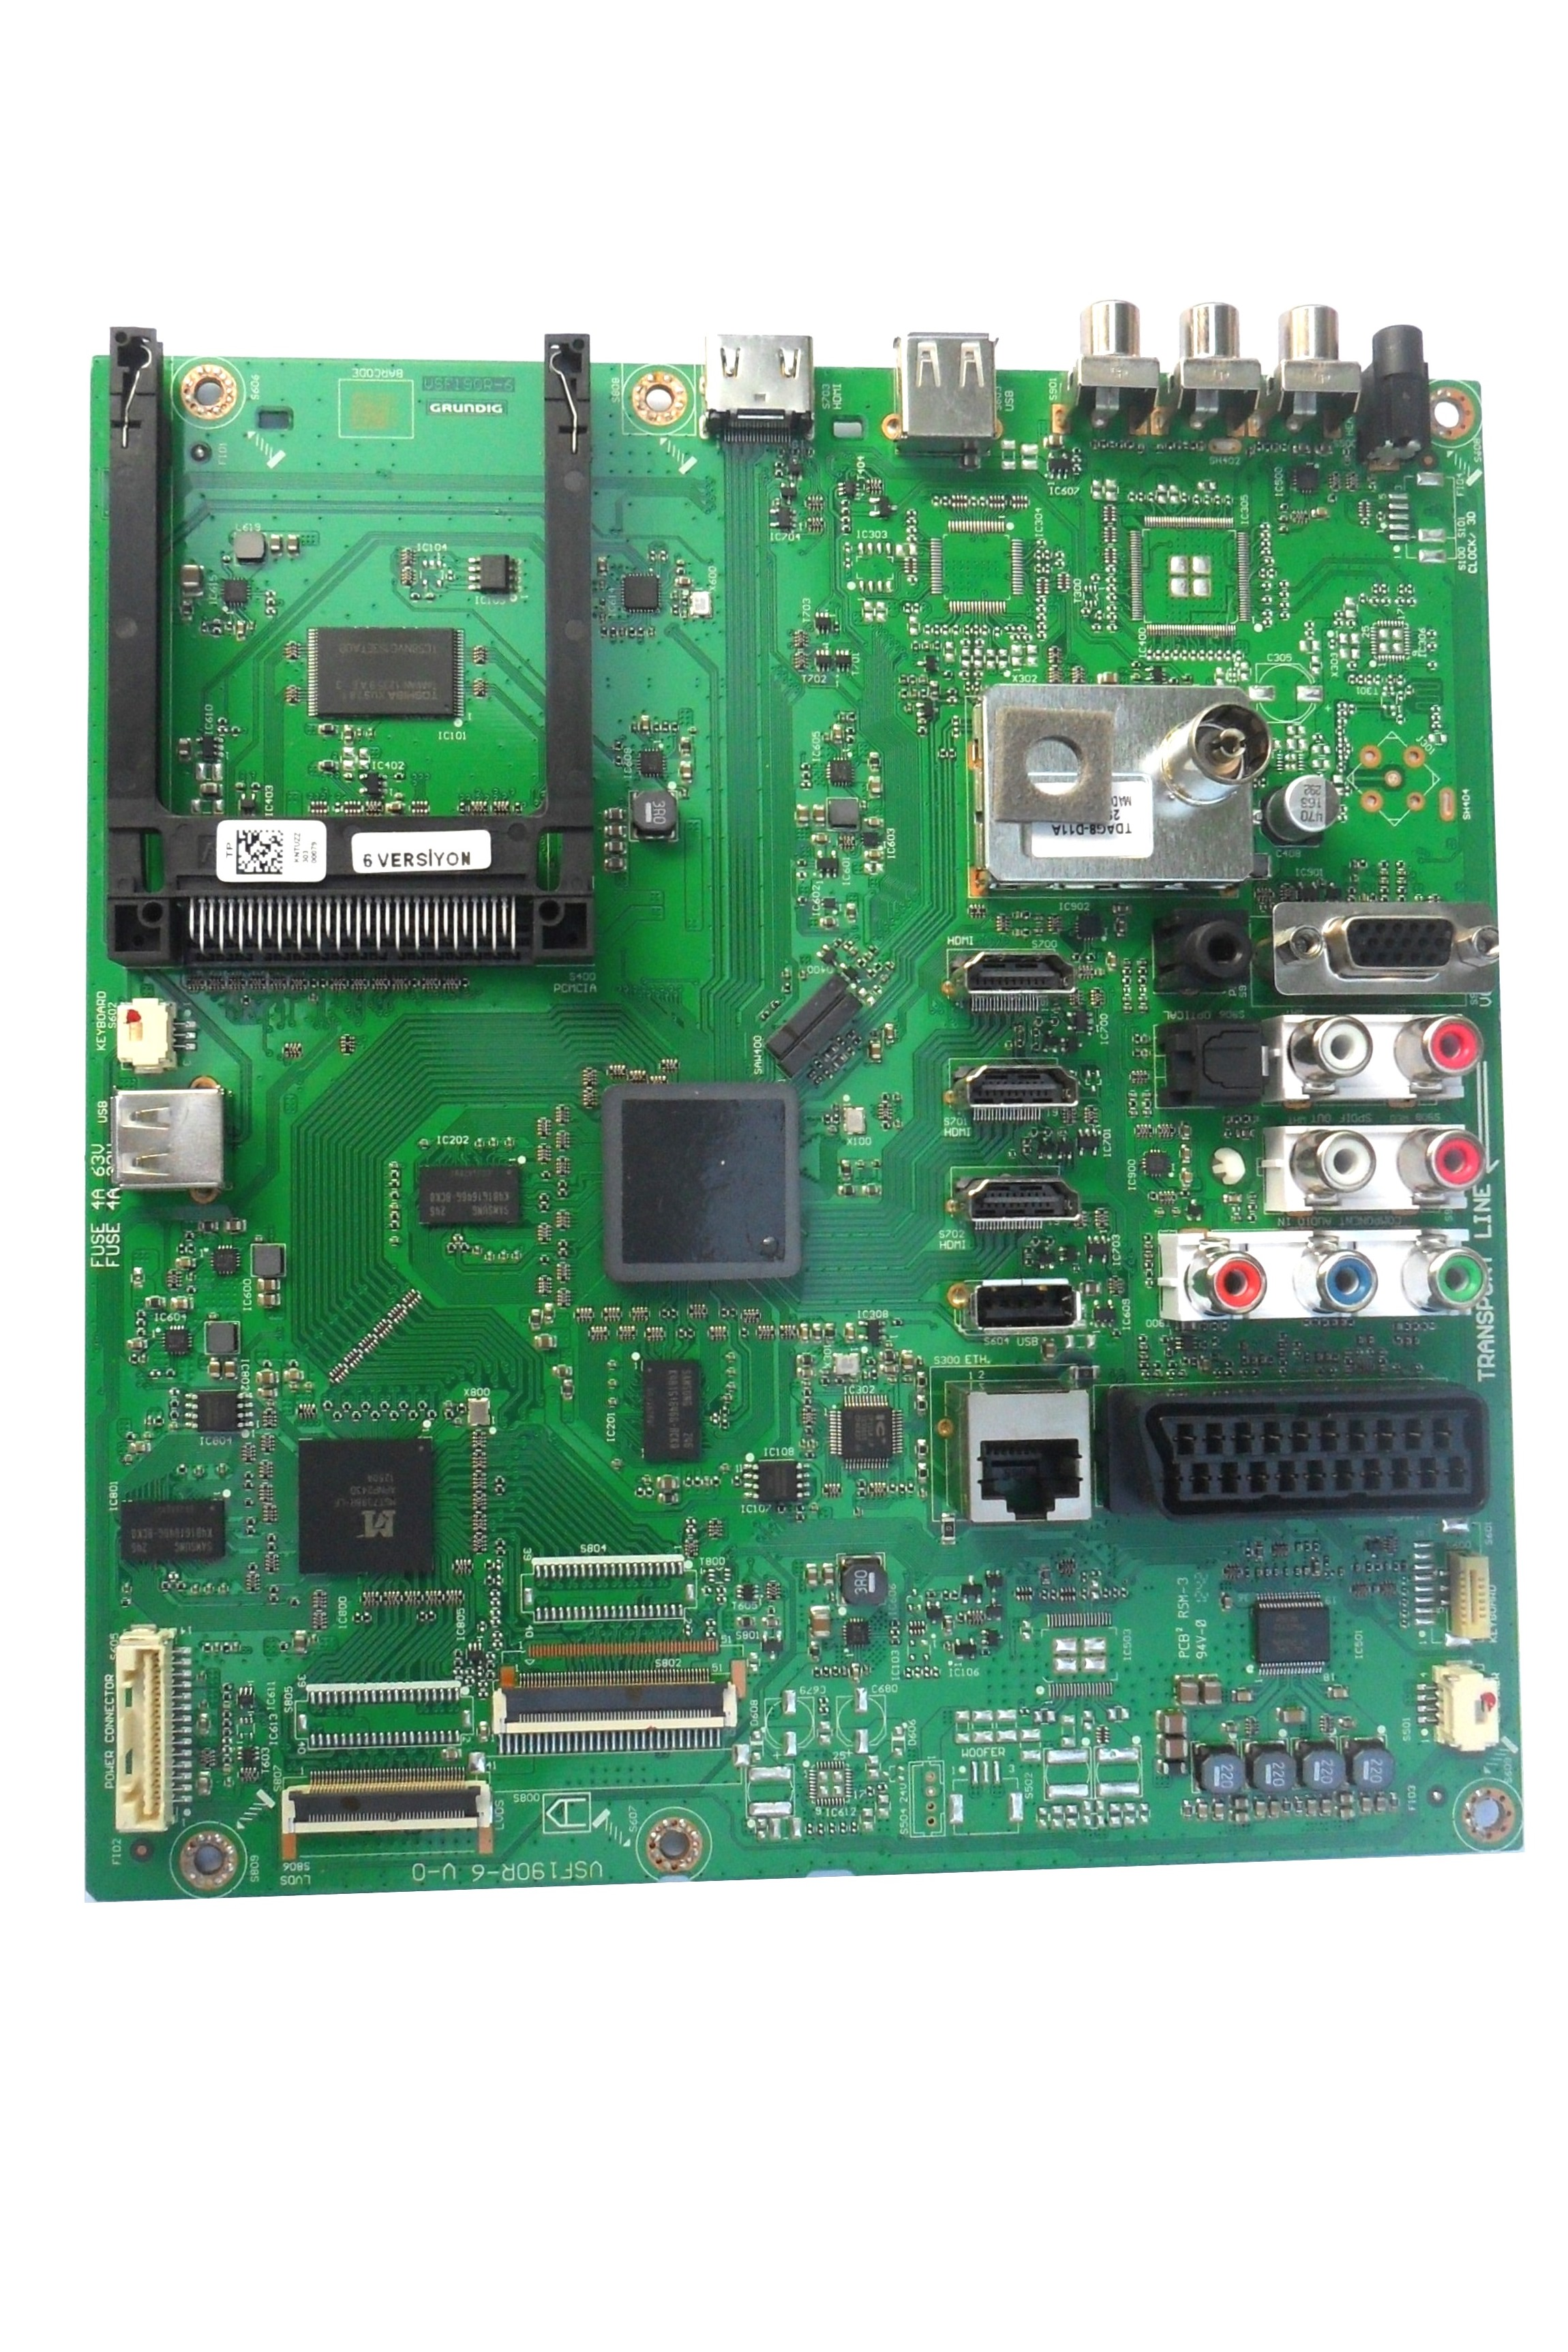 KNT110 R1